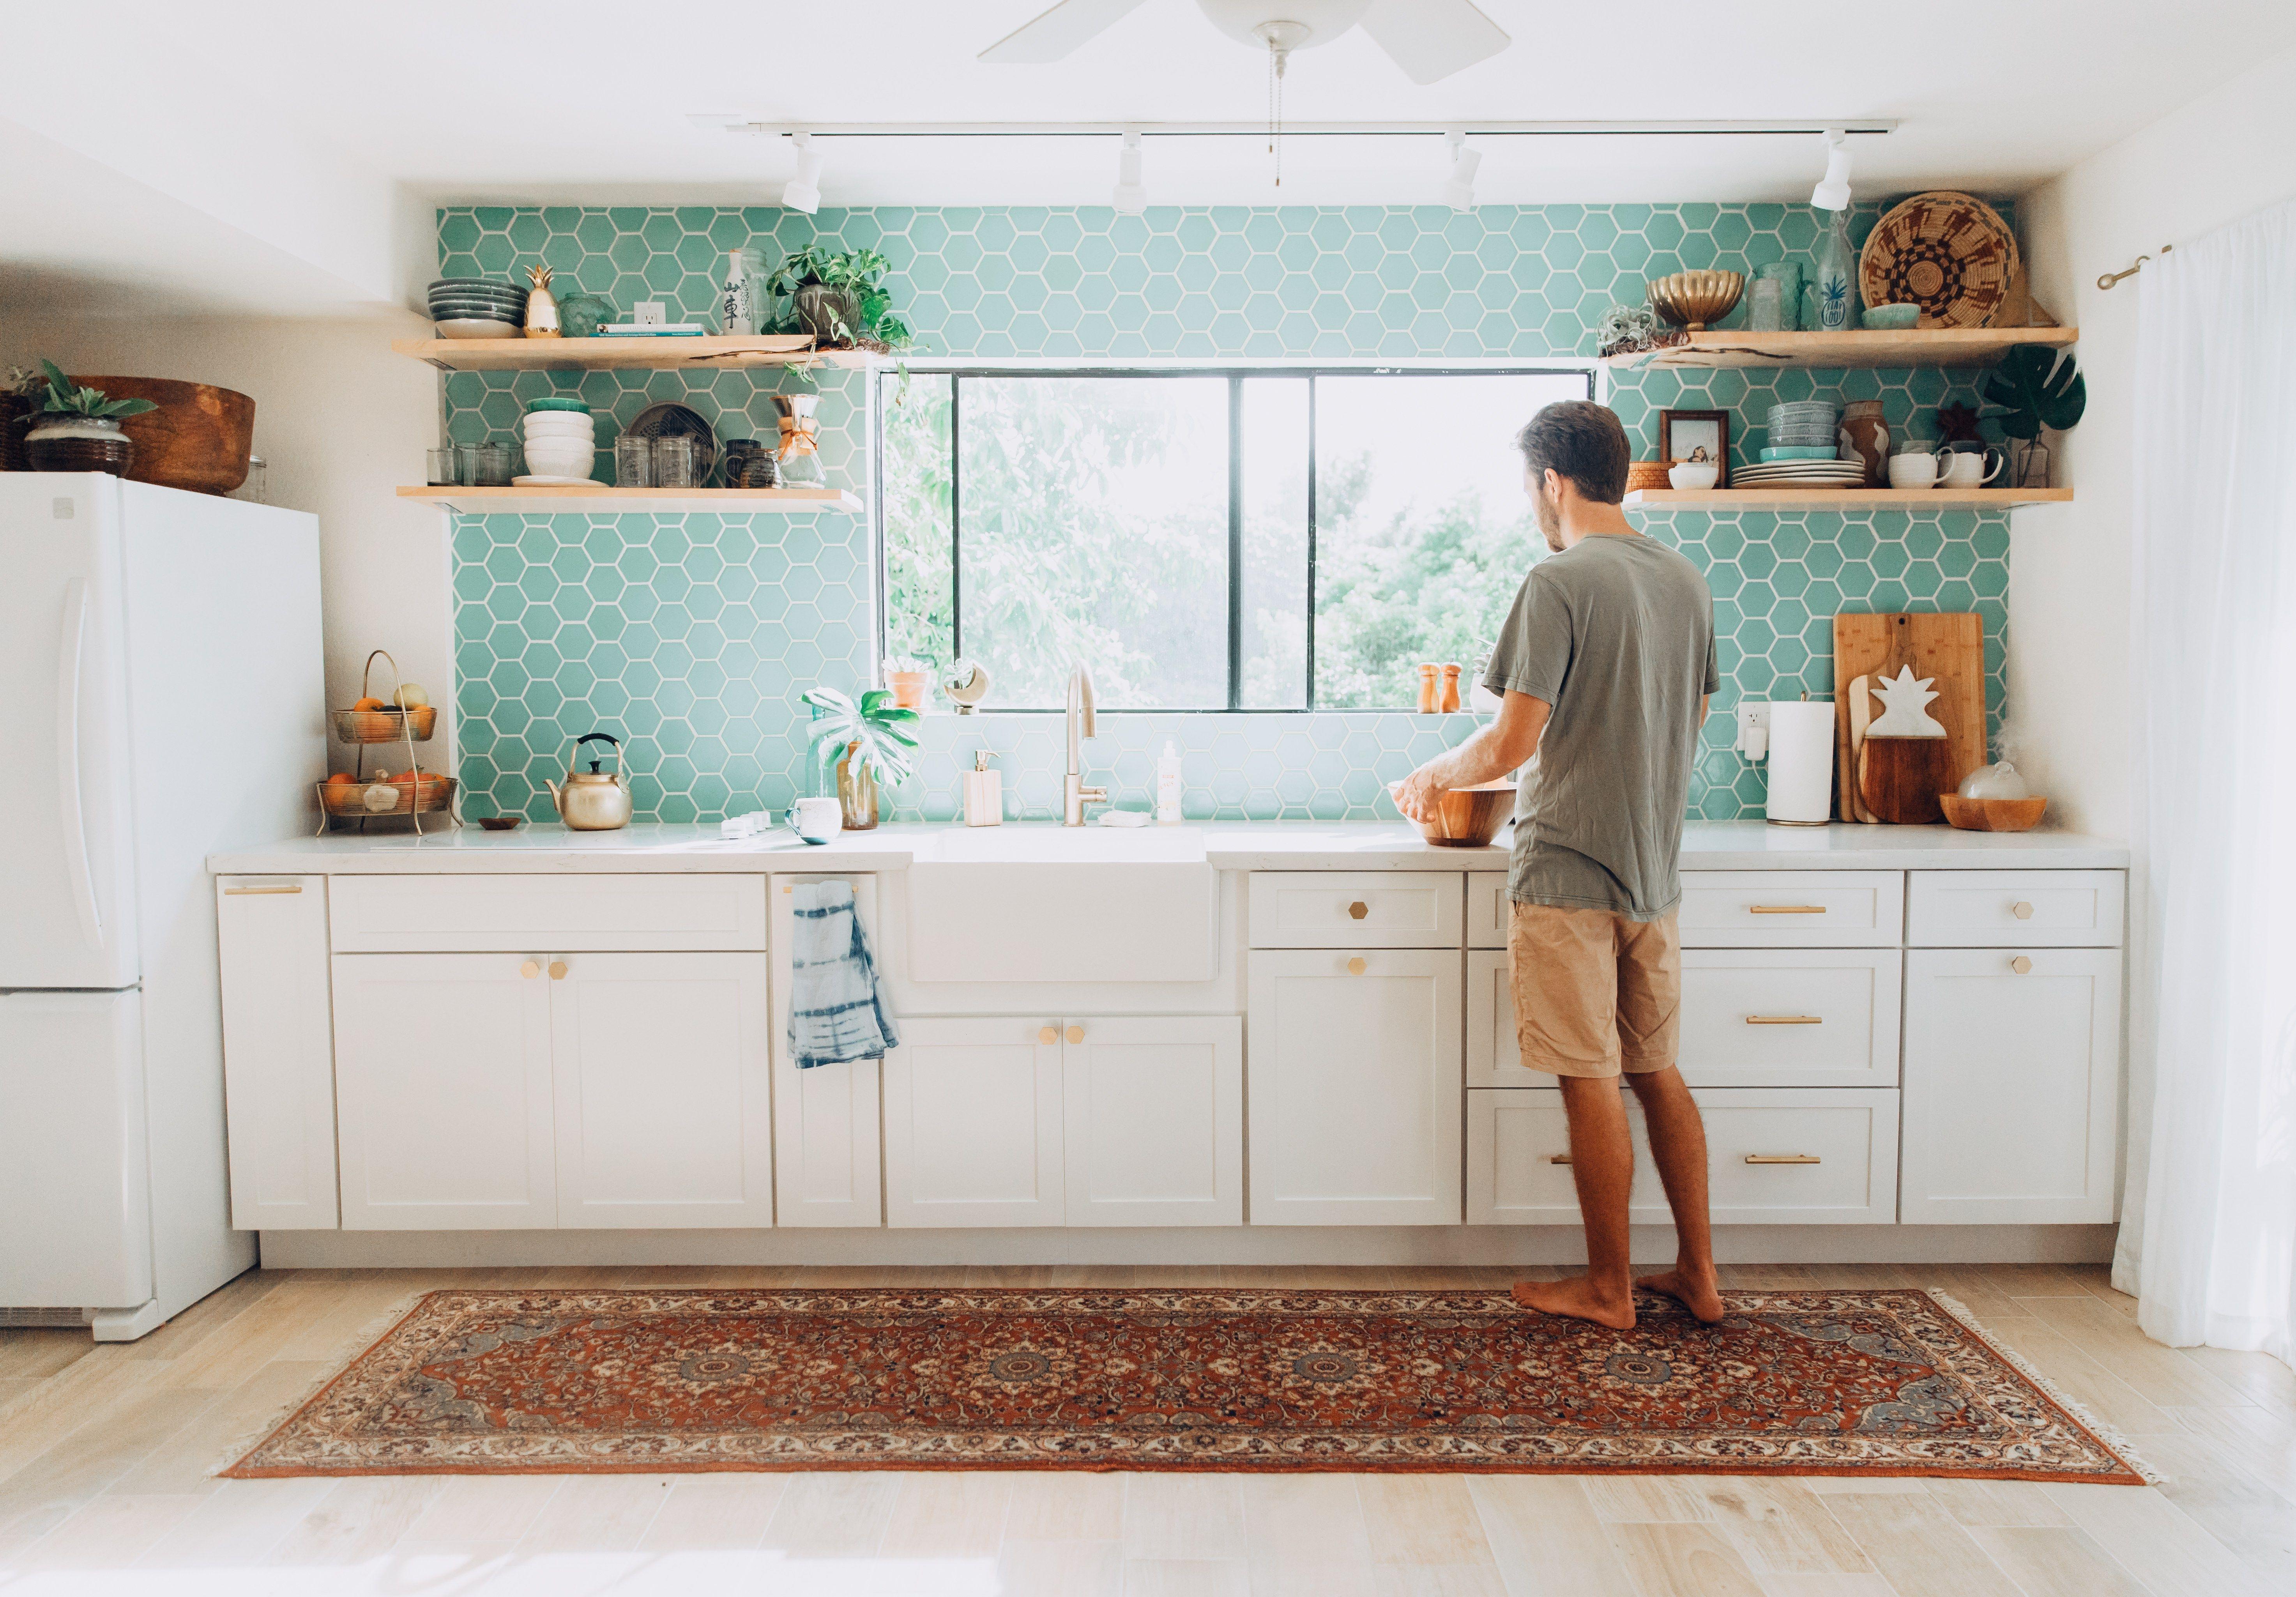 Our Tropical Bohemian Kitchen Renovation Reveal Elanaloo Com Kitchen Renovation Eclectic Kitchen Kitchen Remodel